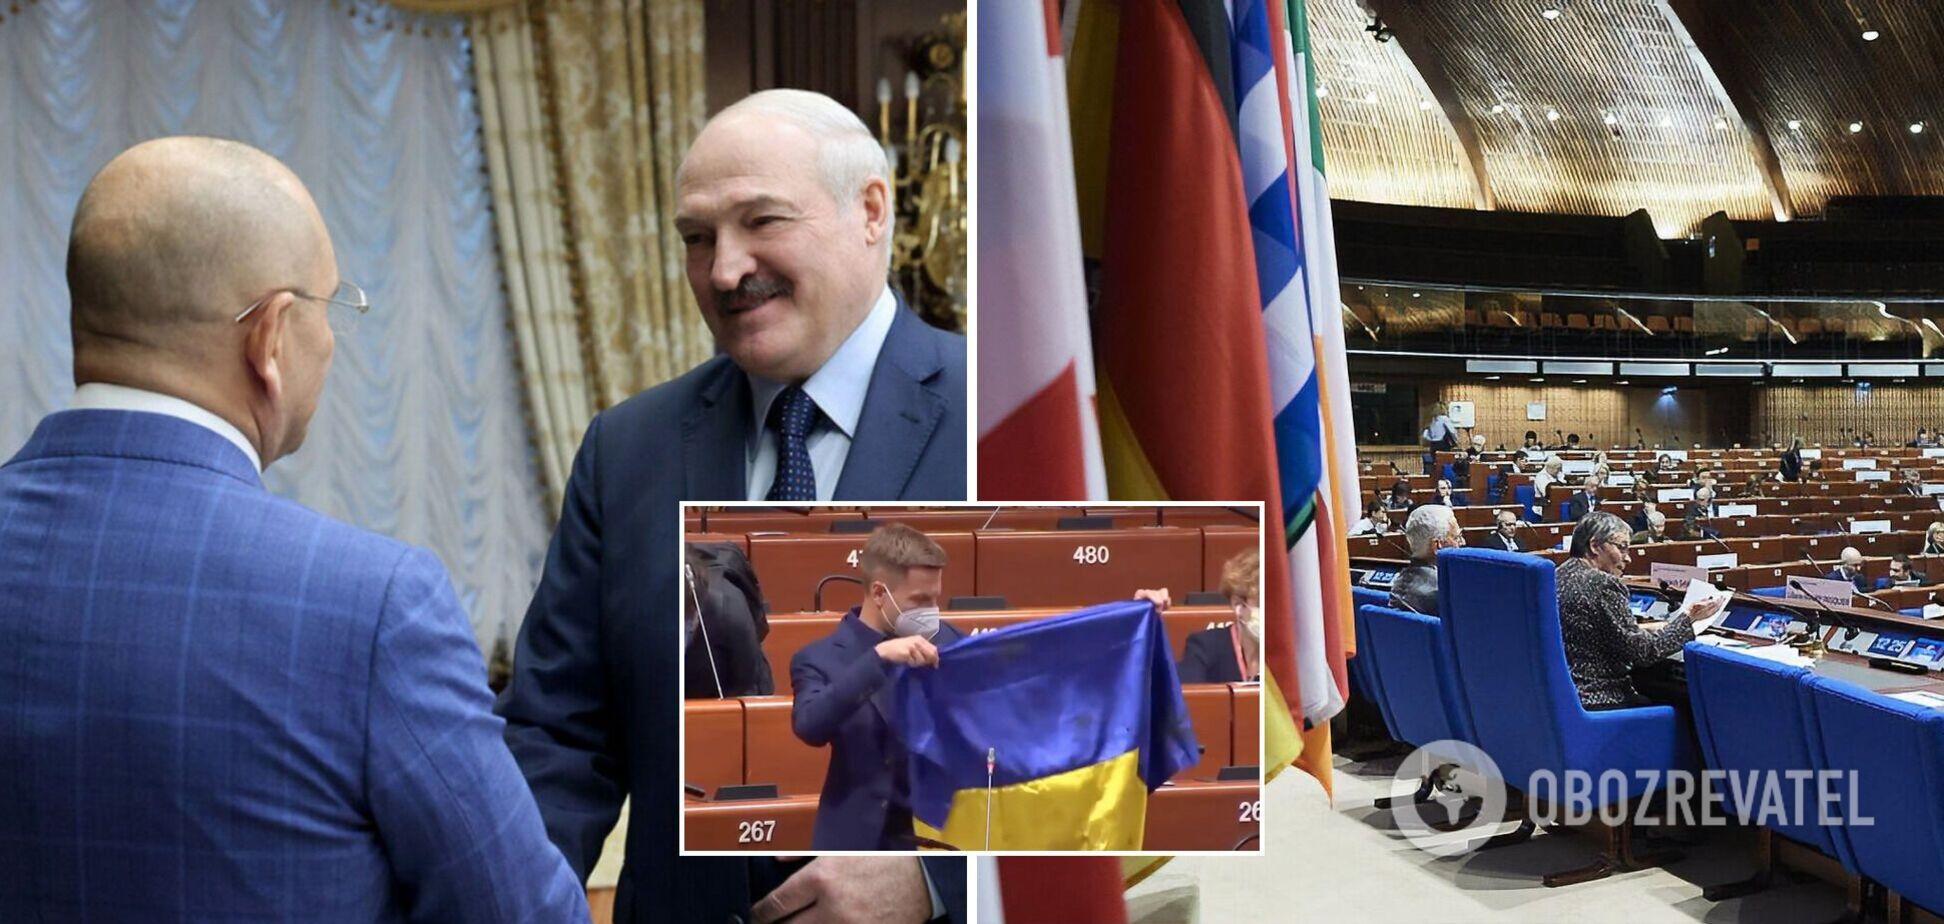 Новости Украины: в ПАСЕ развернули простреленный флаг, а 'слуга' заявил о 'любви' к Лукашенко